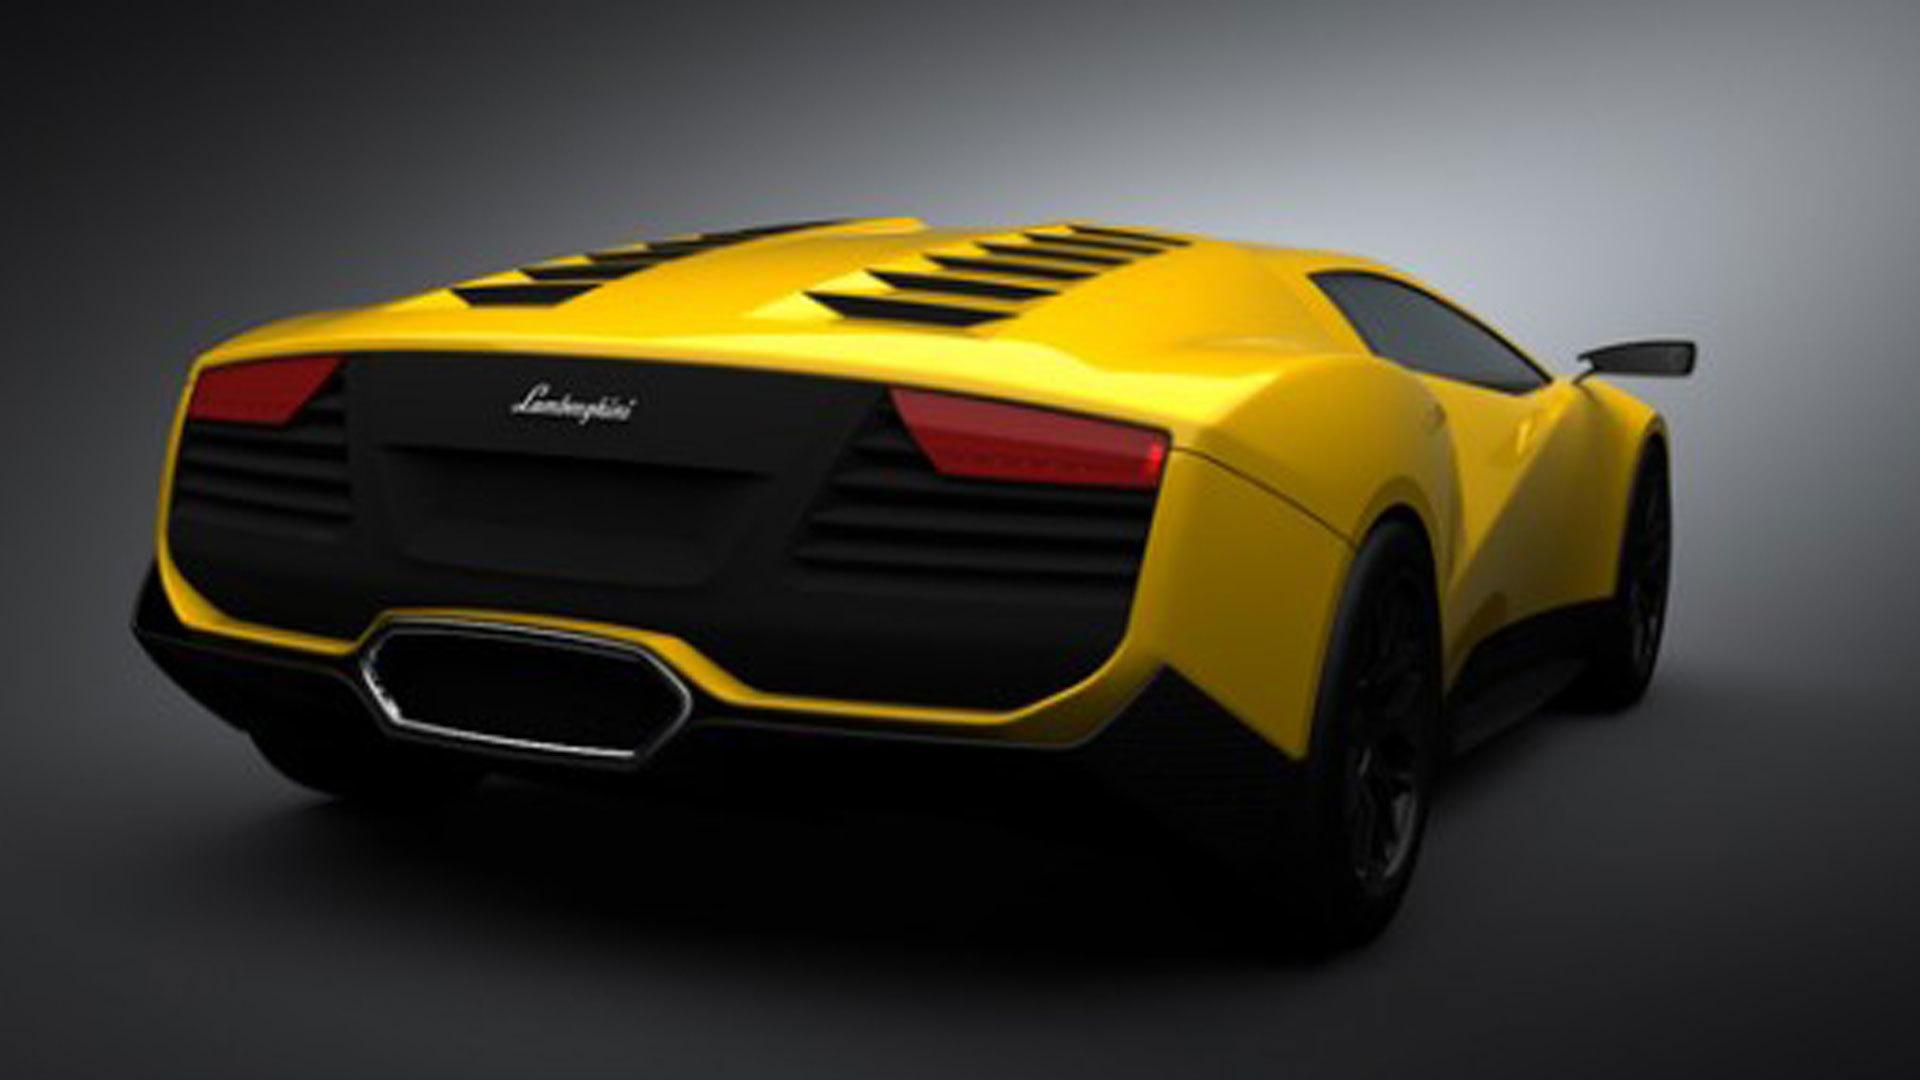 45949 скачать обои Транспорт, Машины, Ламборджини (Lamborghini) - заставки и картинки бесплатно